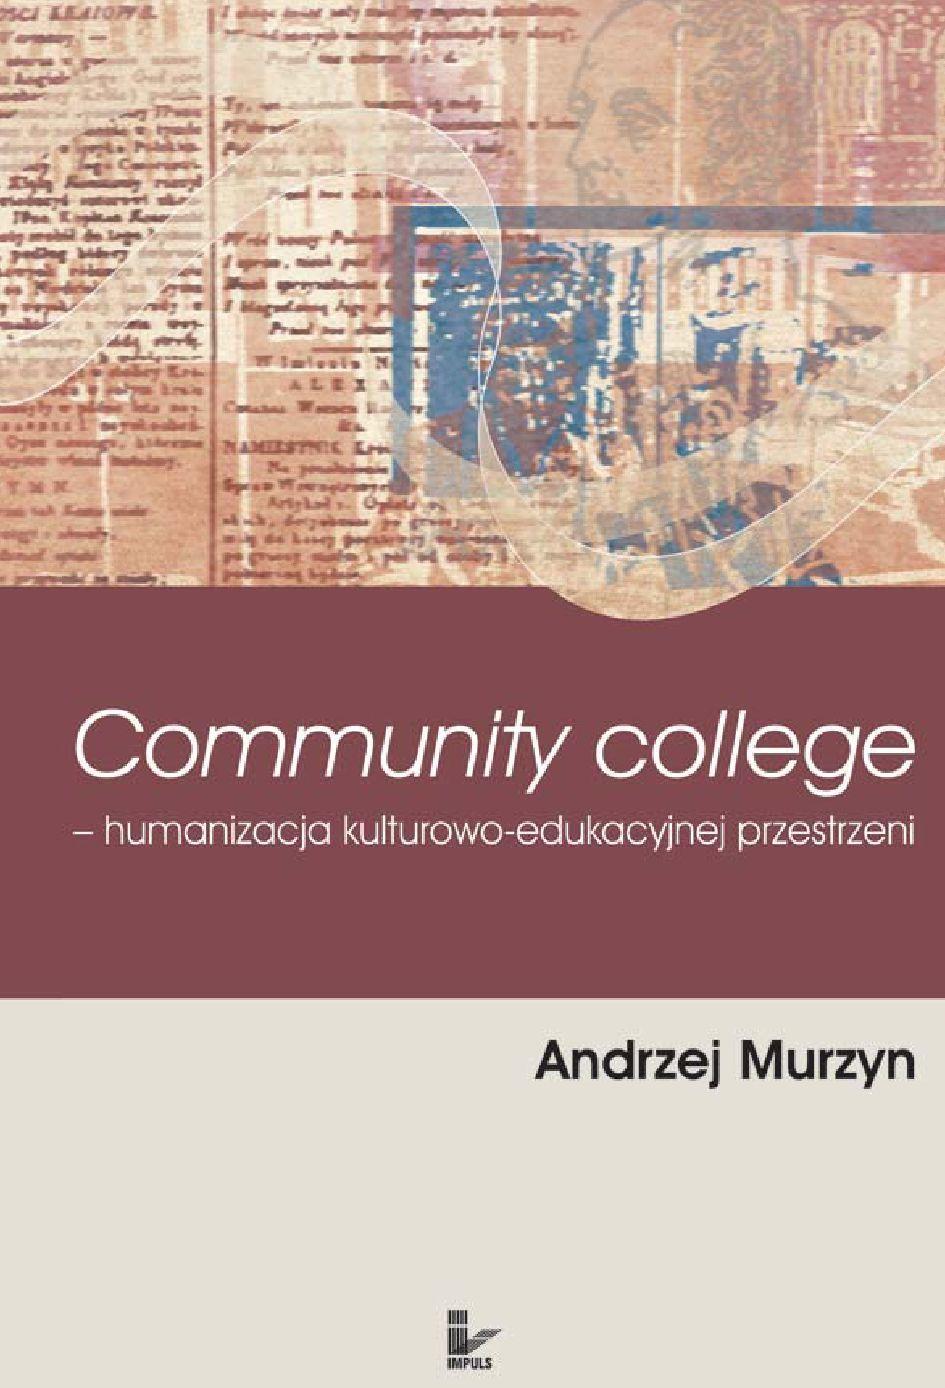 Community College humanizacja kulturowo-edukacyjnej przestrzeni - Ebook (Książka na Kindle) do pobrania w formacie MOBI